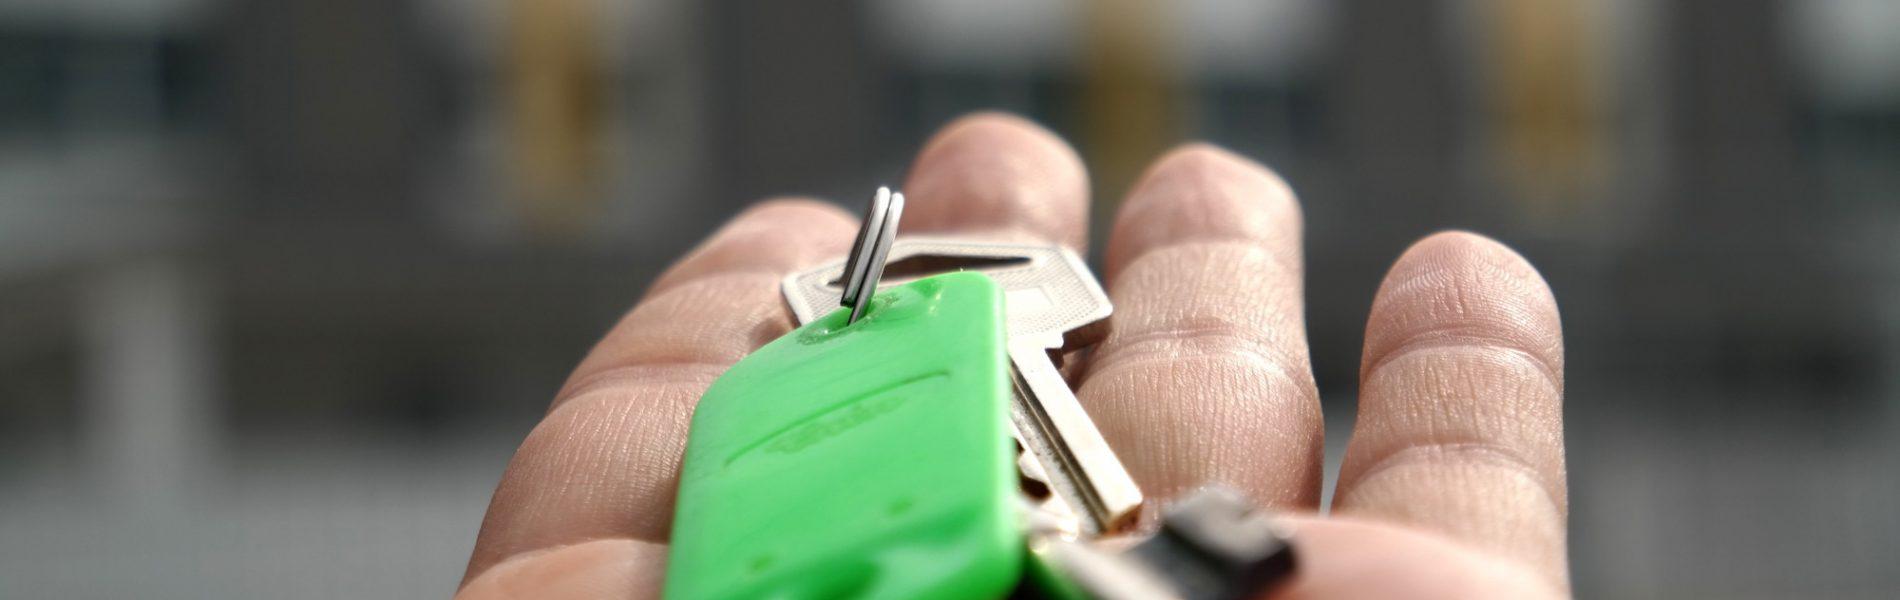 key-2323278